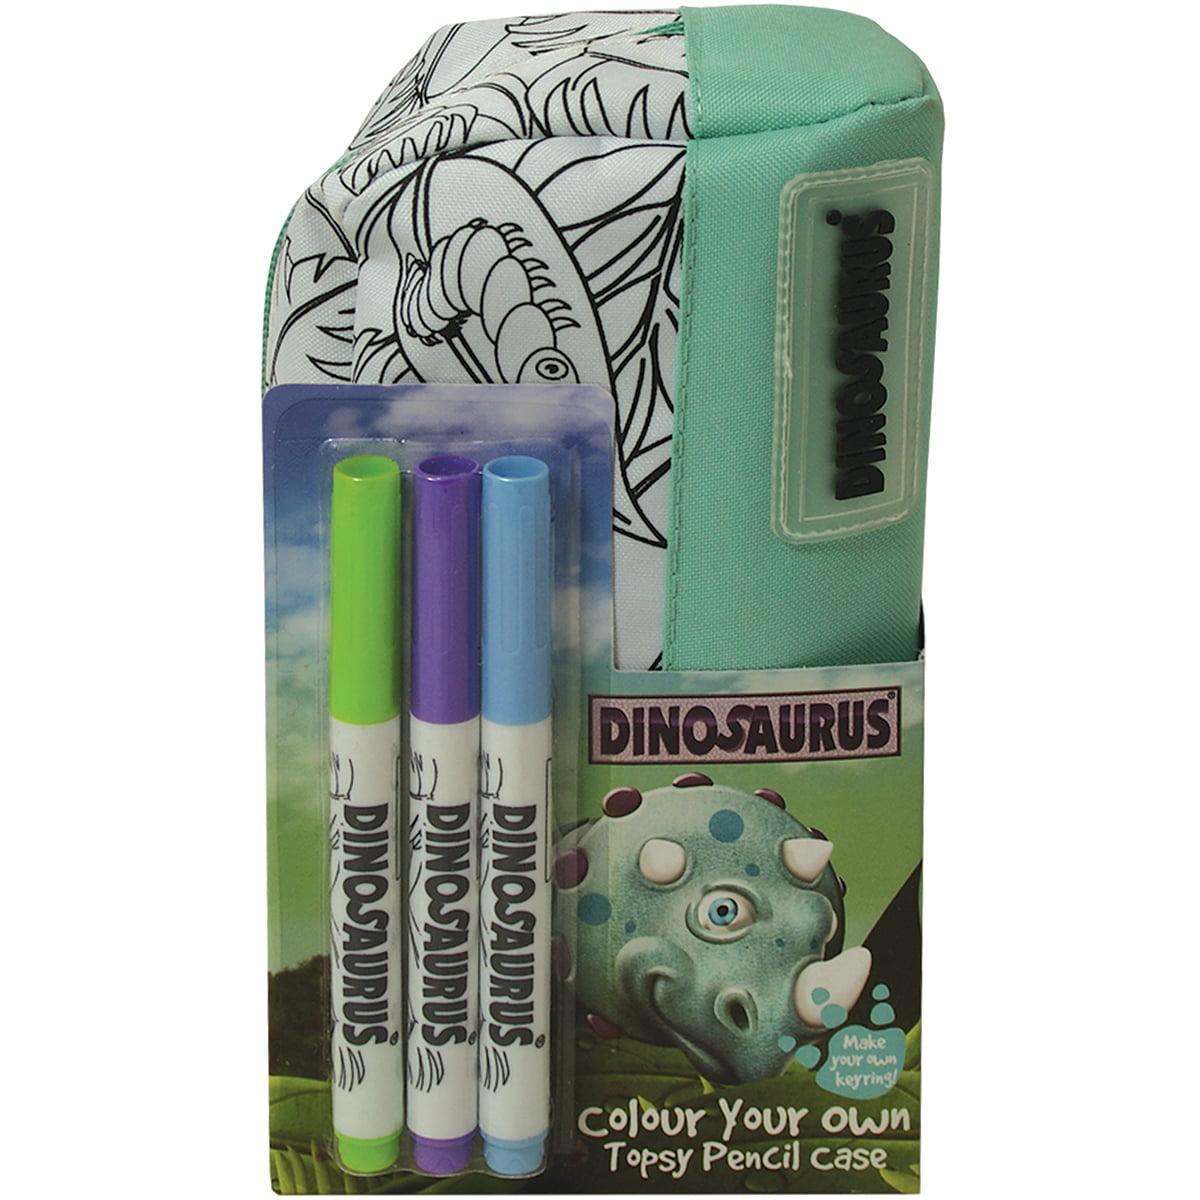 Dinosaurus Pencil Case-Topsy